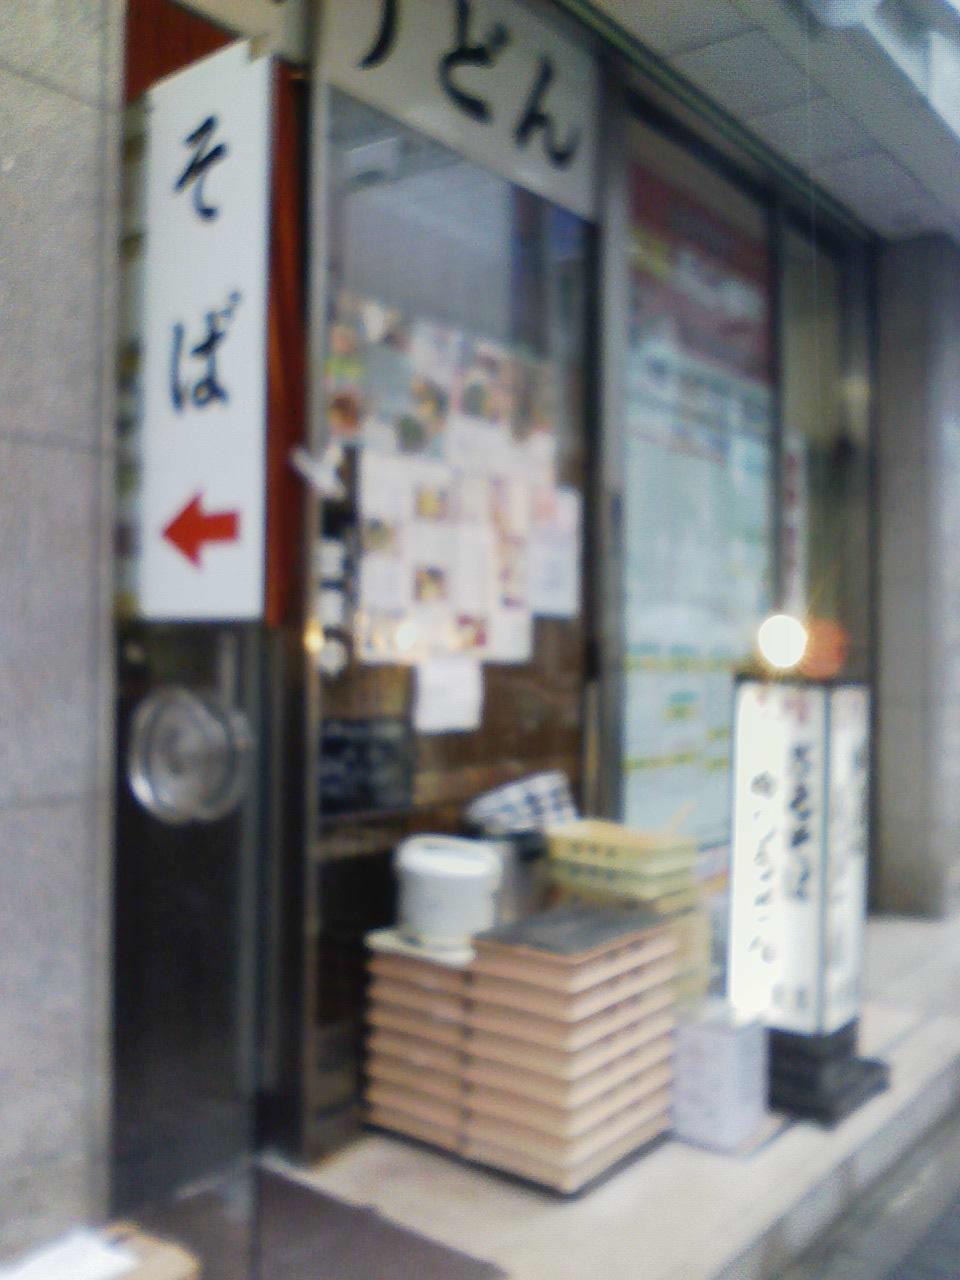 「青唐辛子の醤油漬け」のある新橋立ち喰い蕎麦屋_c0061686_6241972.jpg